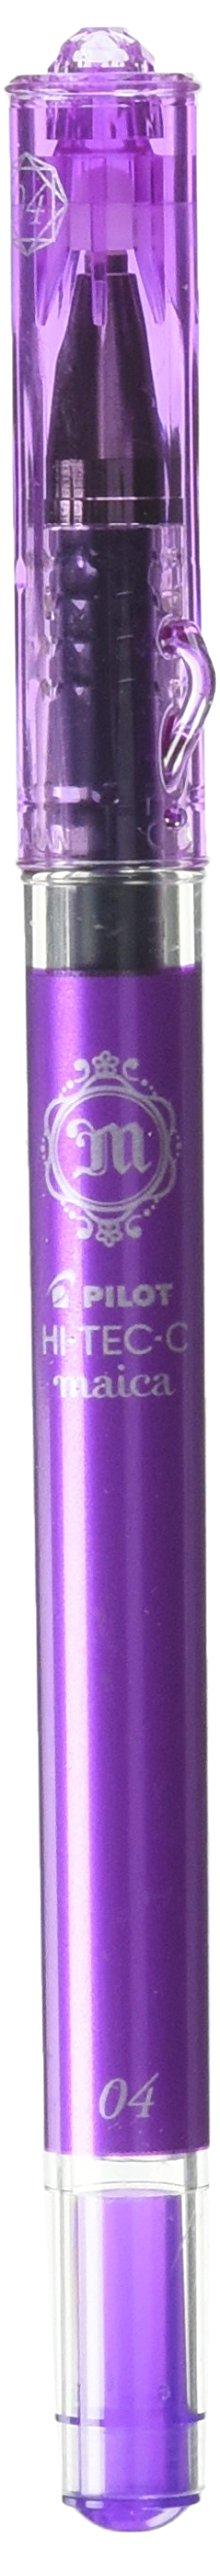 Bolígrafo Pilot Hi-Tec-C Maica Gel Violeta Fino (LHM-15C4-V)